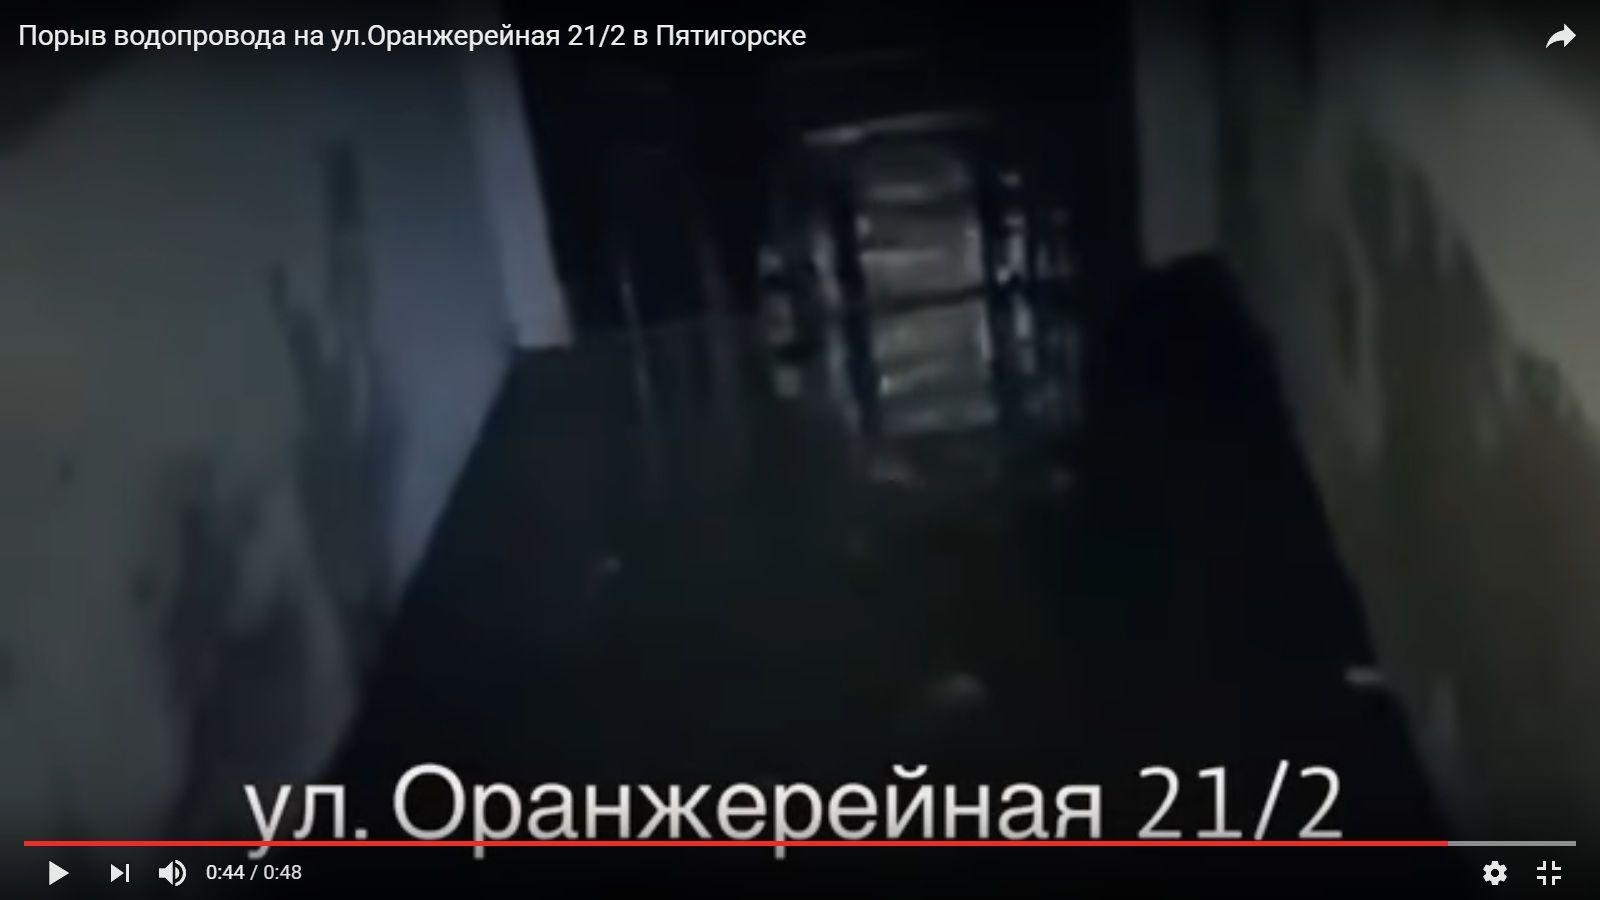 ВПятигорске при трагедии наводопроводе затопило многоэтажку